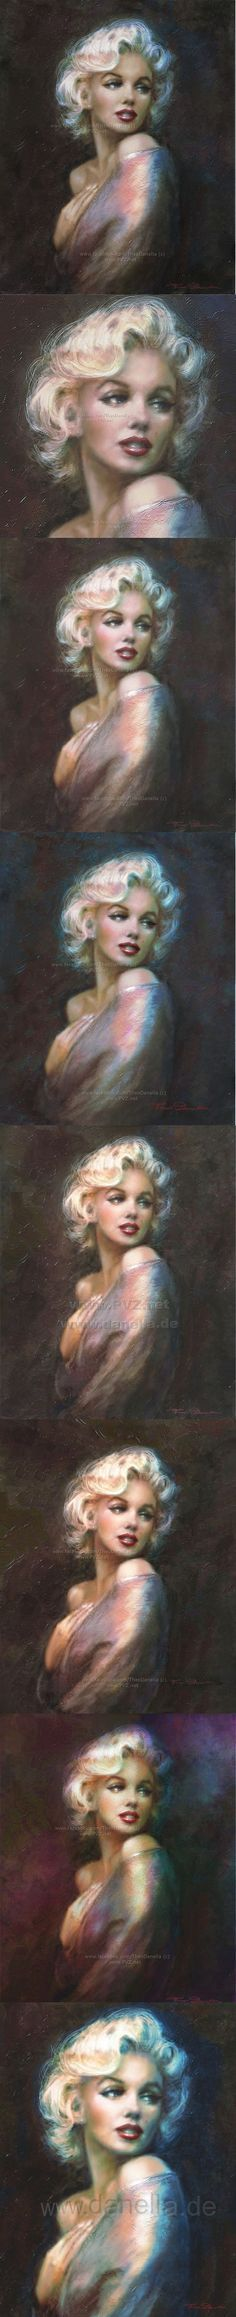 Theo Danella´s MARILYN in ART: www.facebook.com/TheoDanella ✿ ART Shops: http://www.pvz.net www.redbubble.com/people/theodanella ✿: